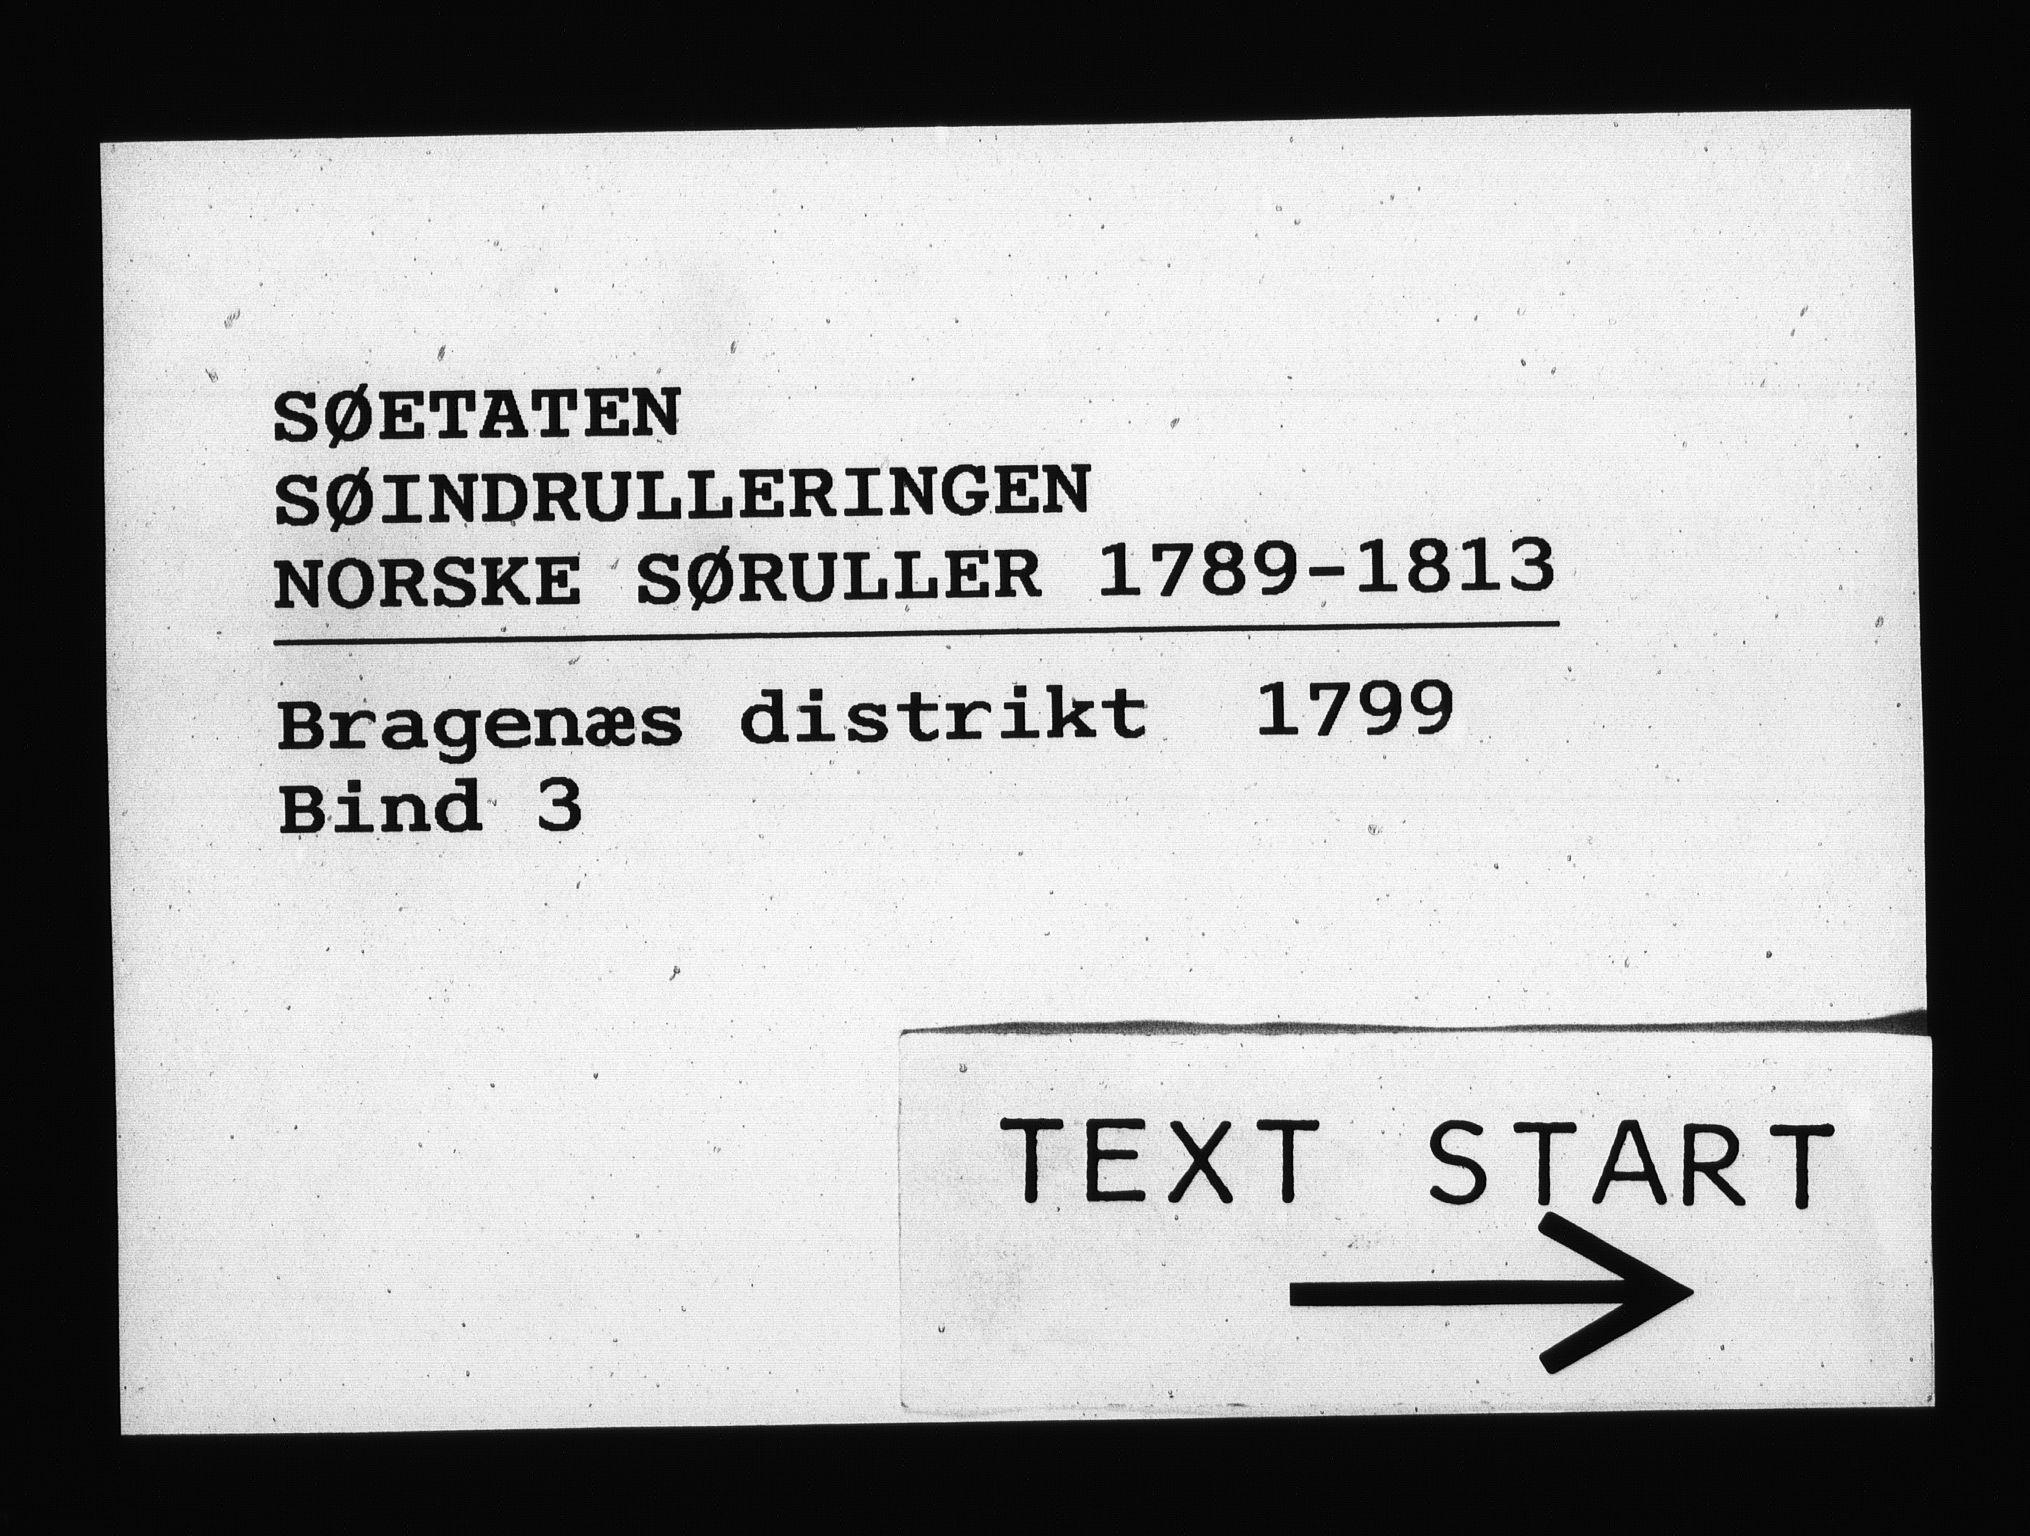 RA, Sjøetaten, F/L0127: Bragernes distrikt, bind 3, 1799